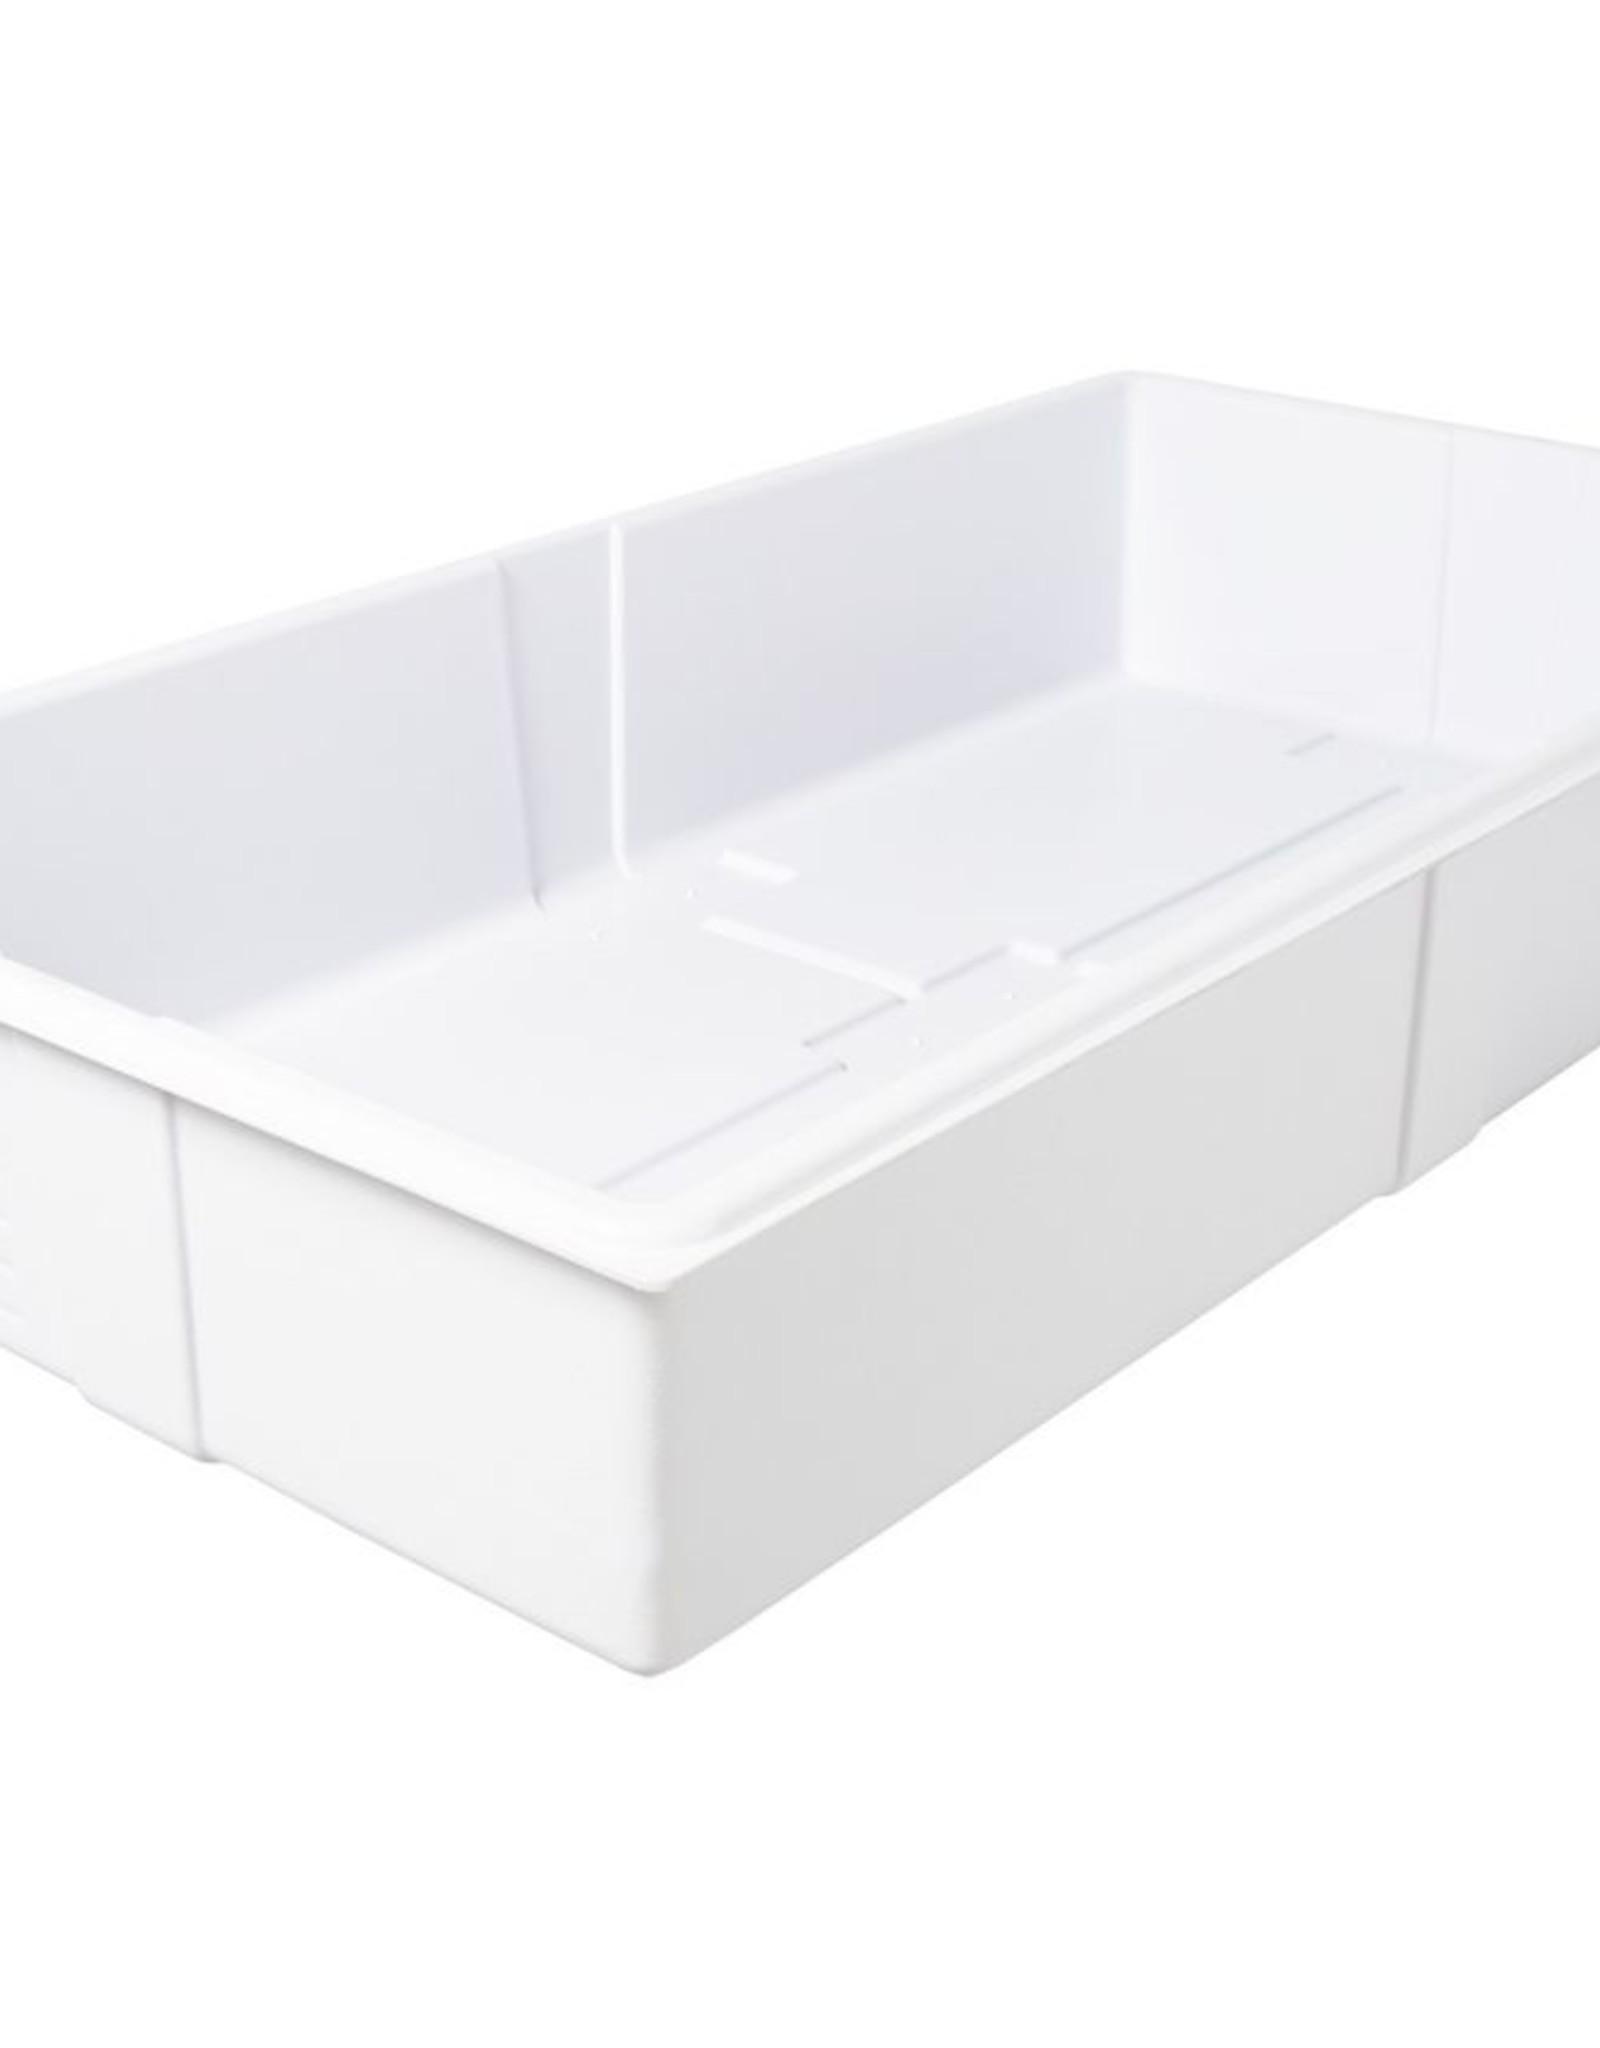 ACTIVE AQUA Active Aqua Premium Deep Flood Table, White, 2' x 4'